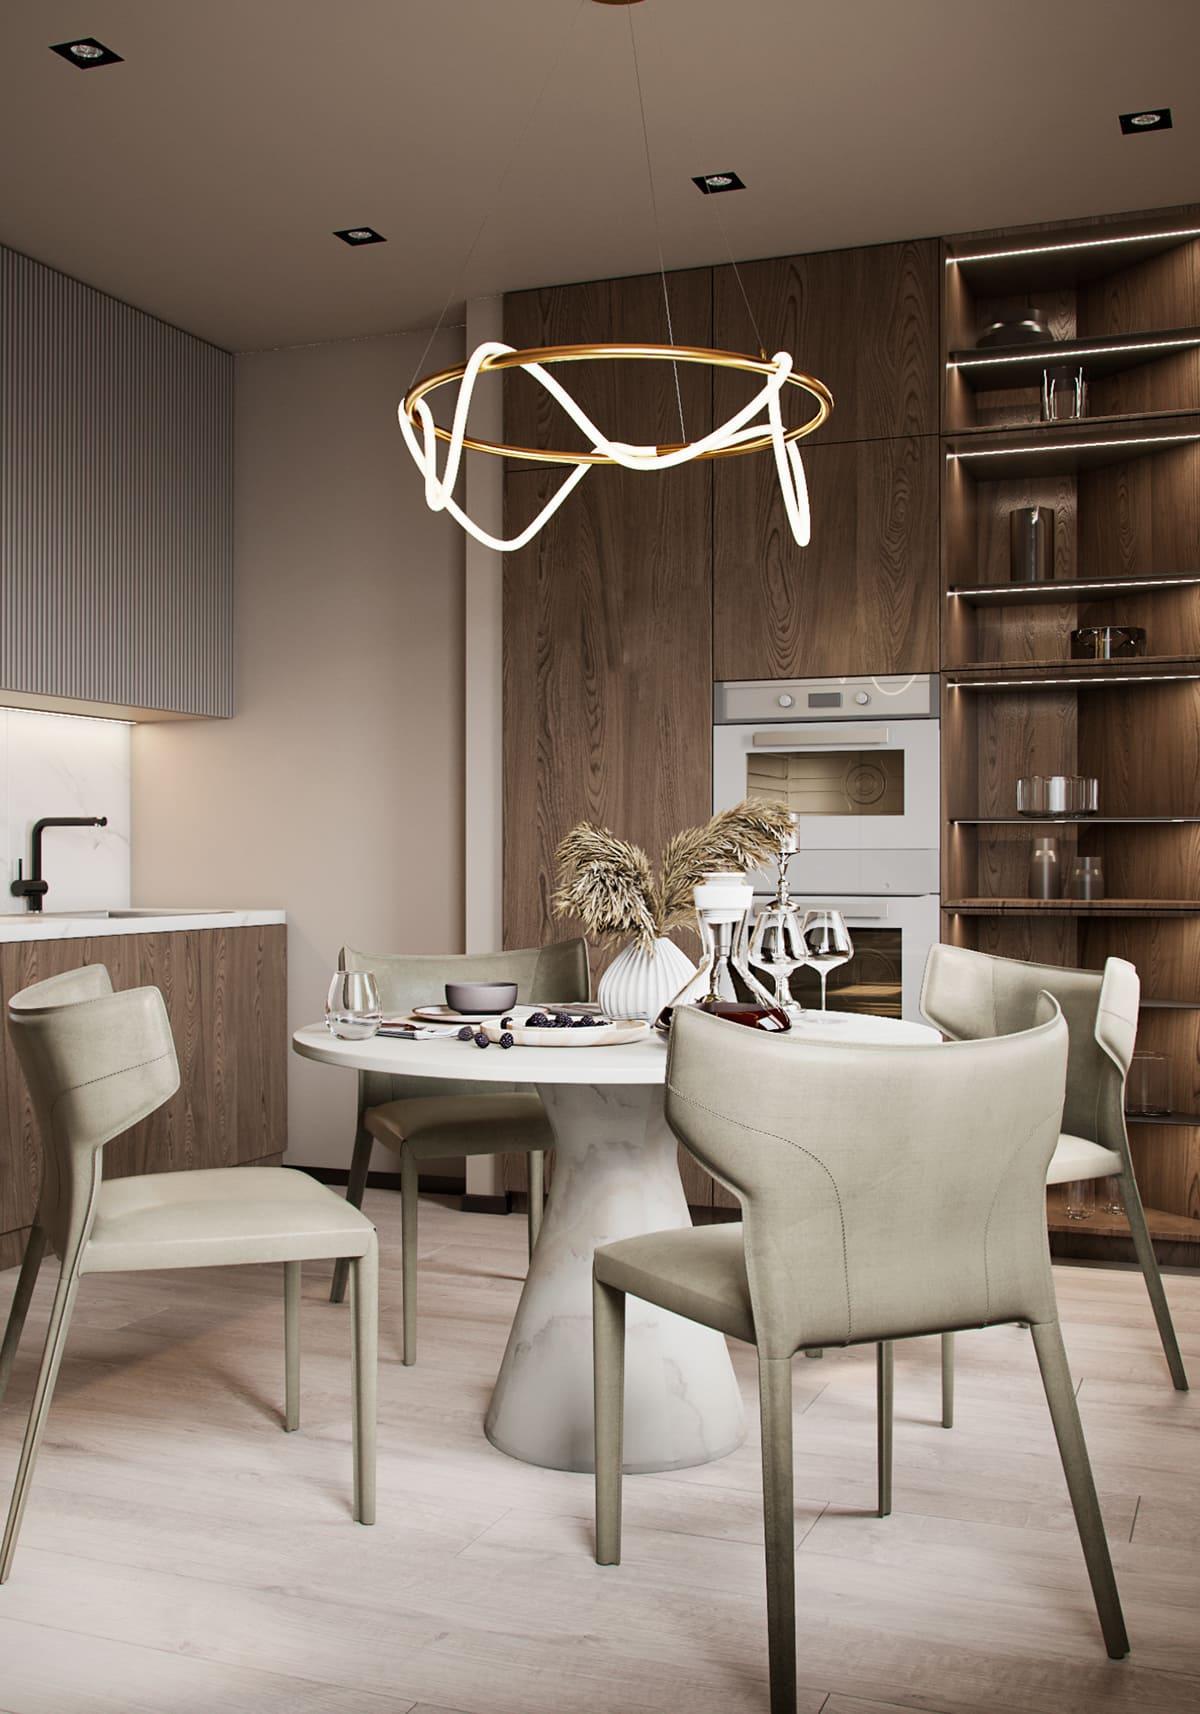 дизайн кухни в современном стиле фото 32